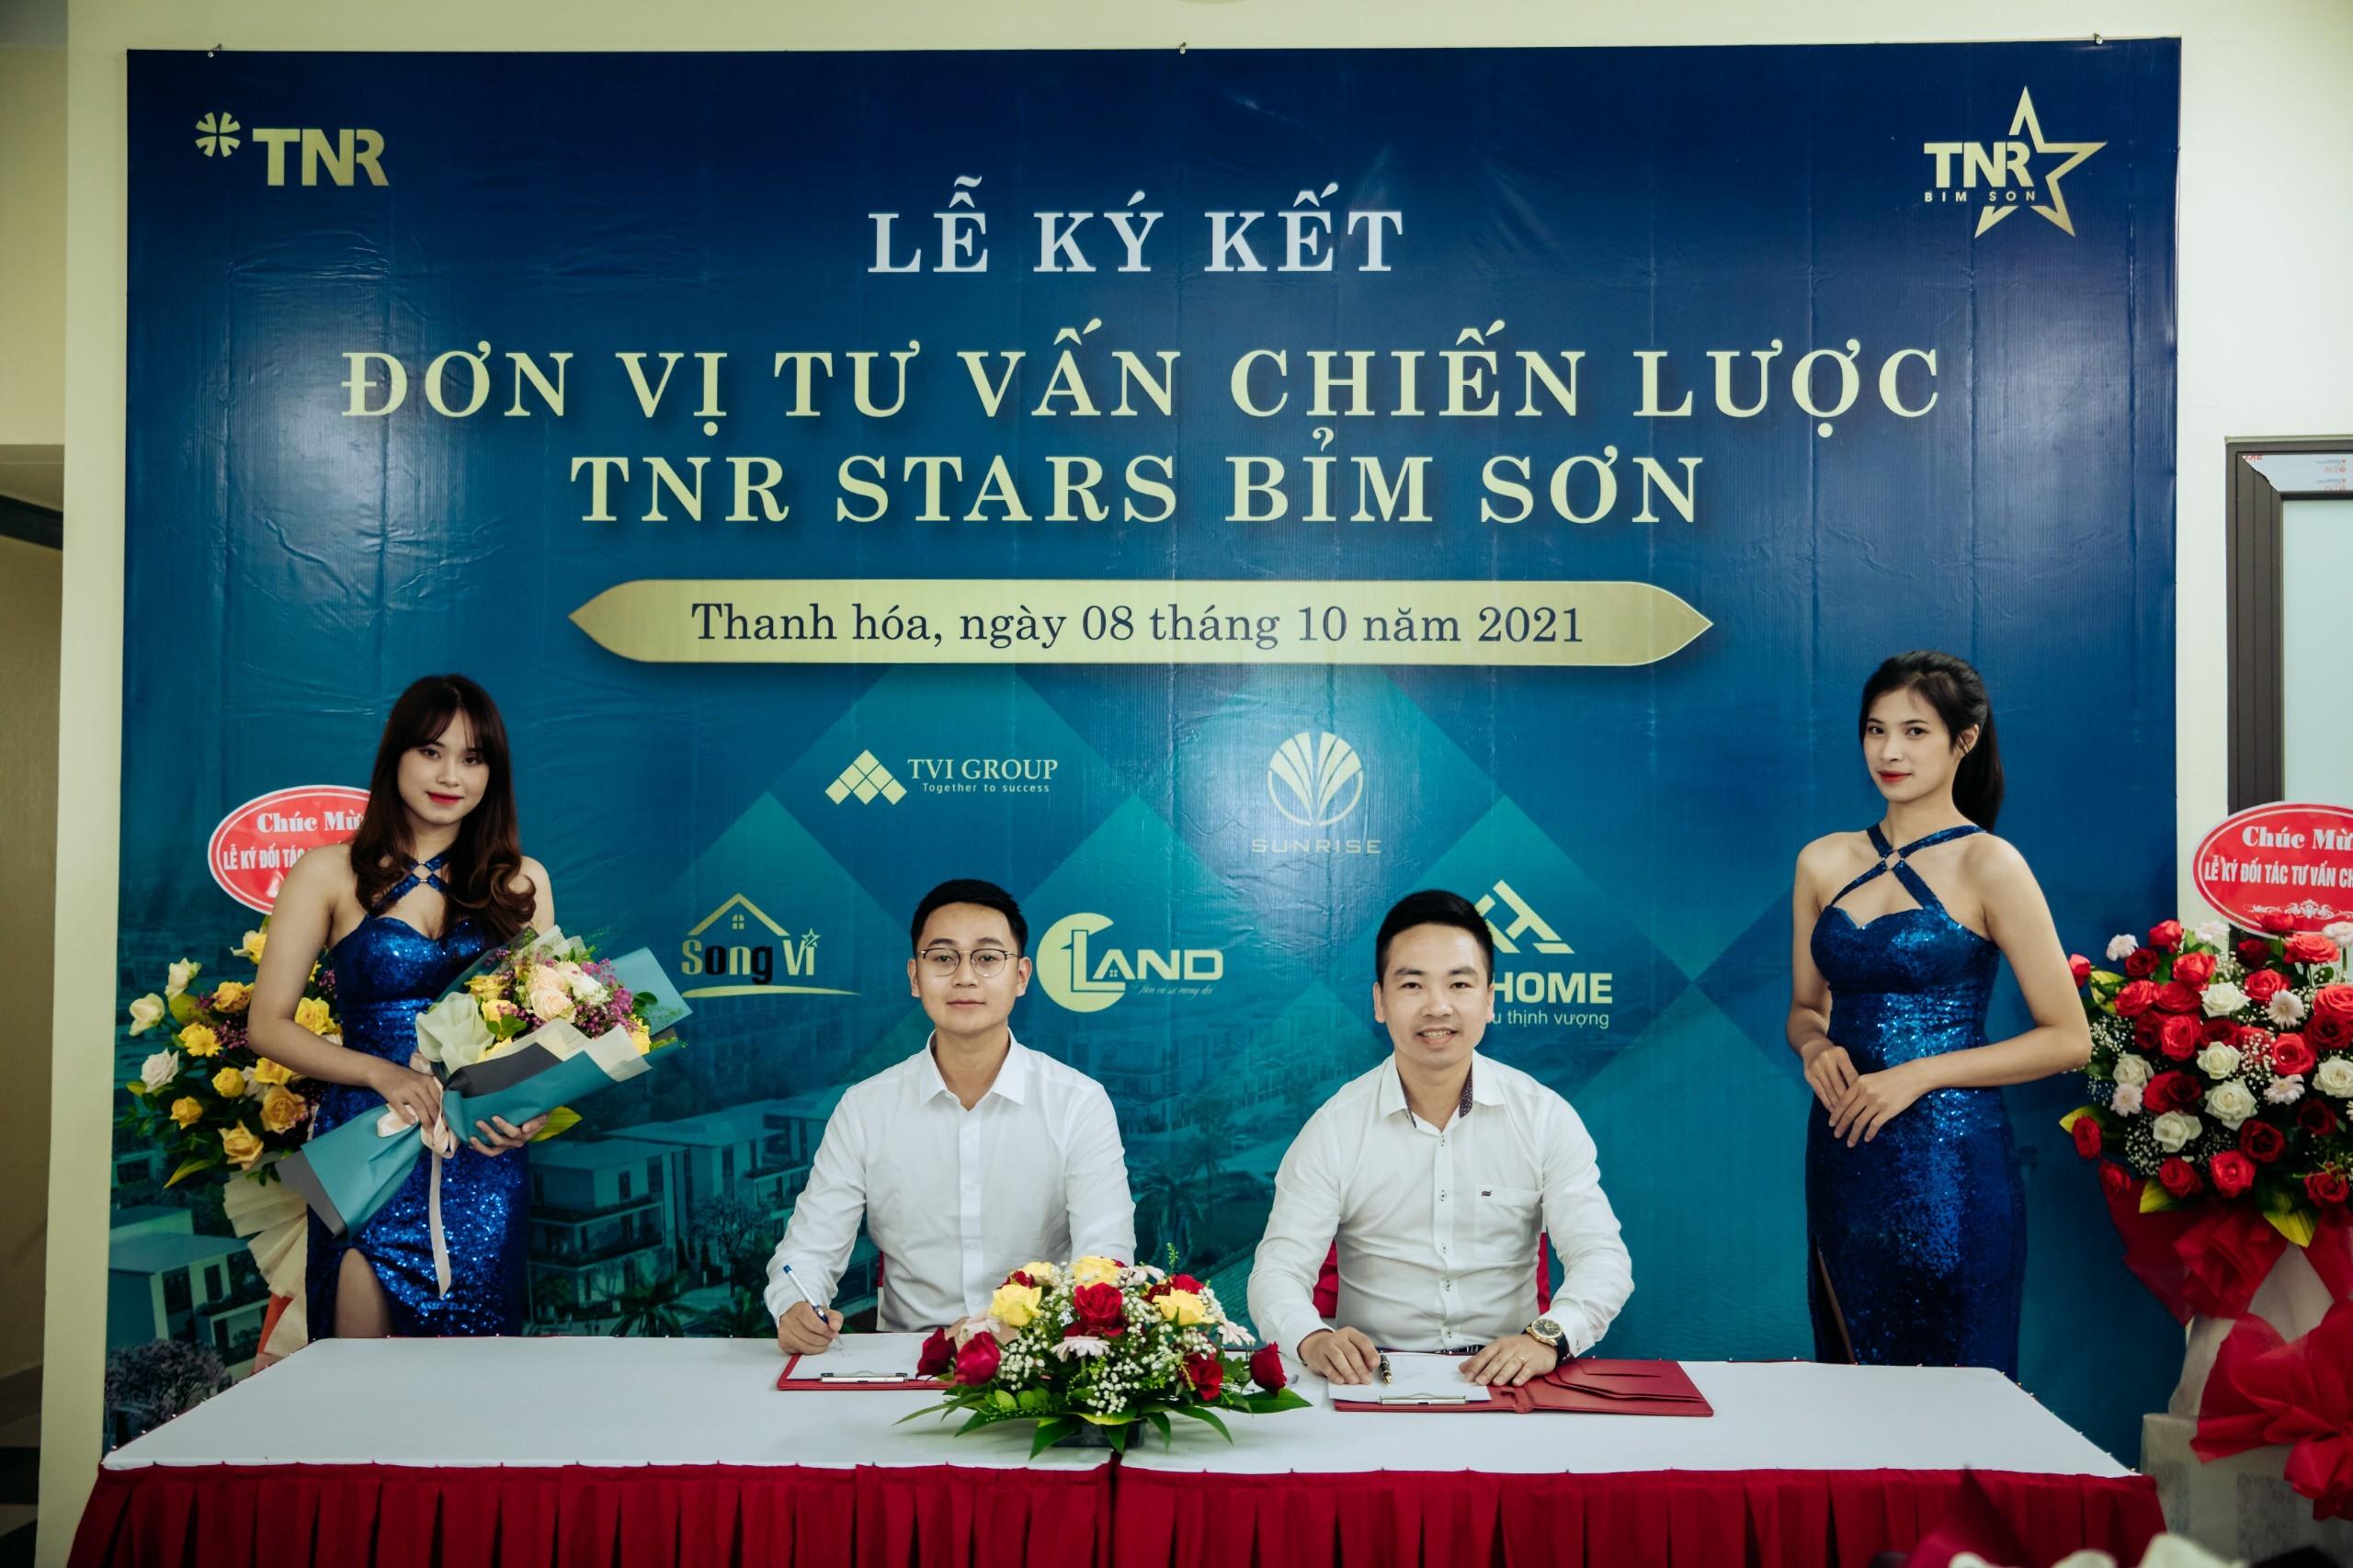 Đại diện TNR Holdings Việt Nam và Bất động sản Cland trong lễ ký kết hợp tác chiến lược.